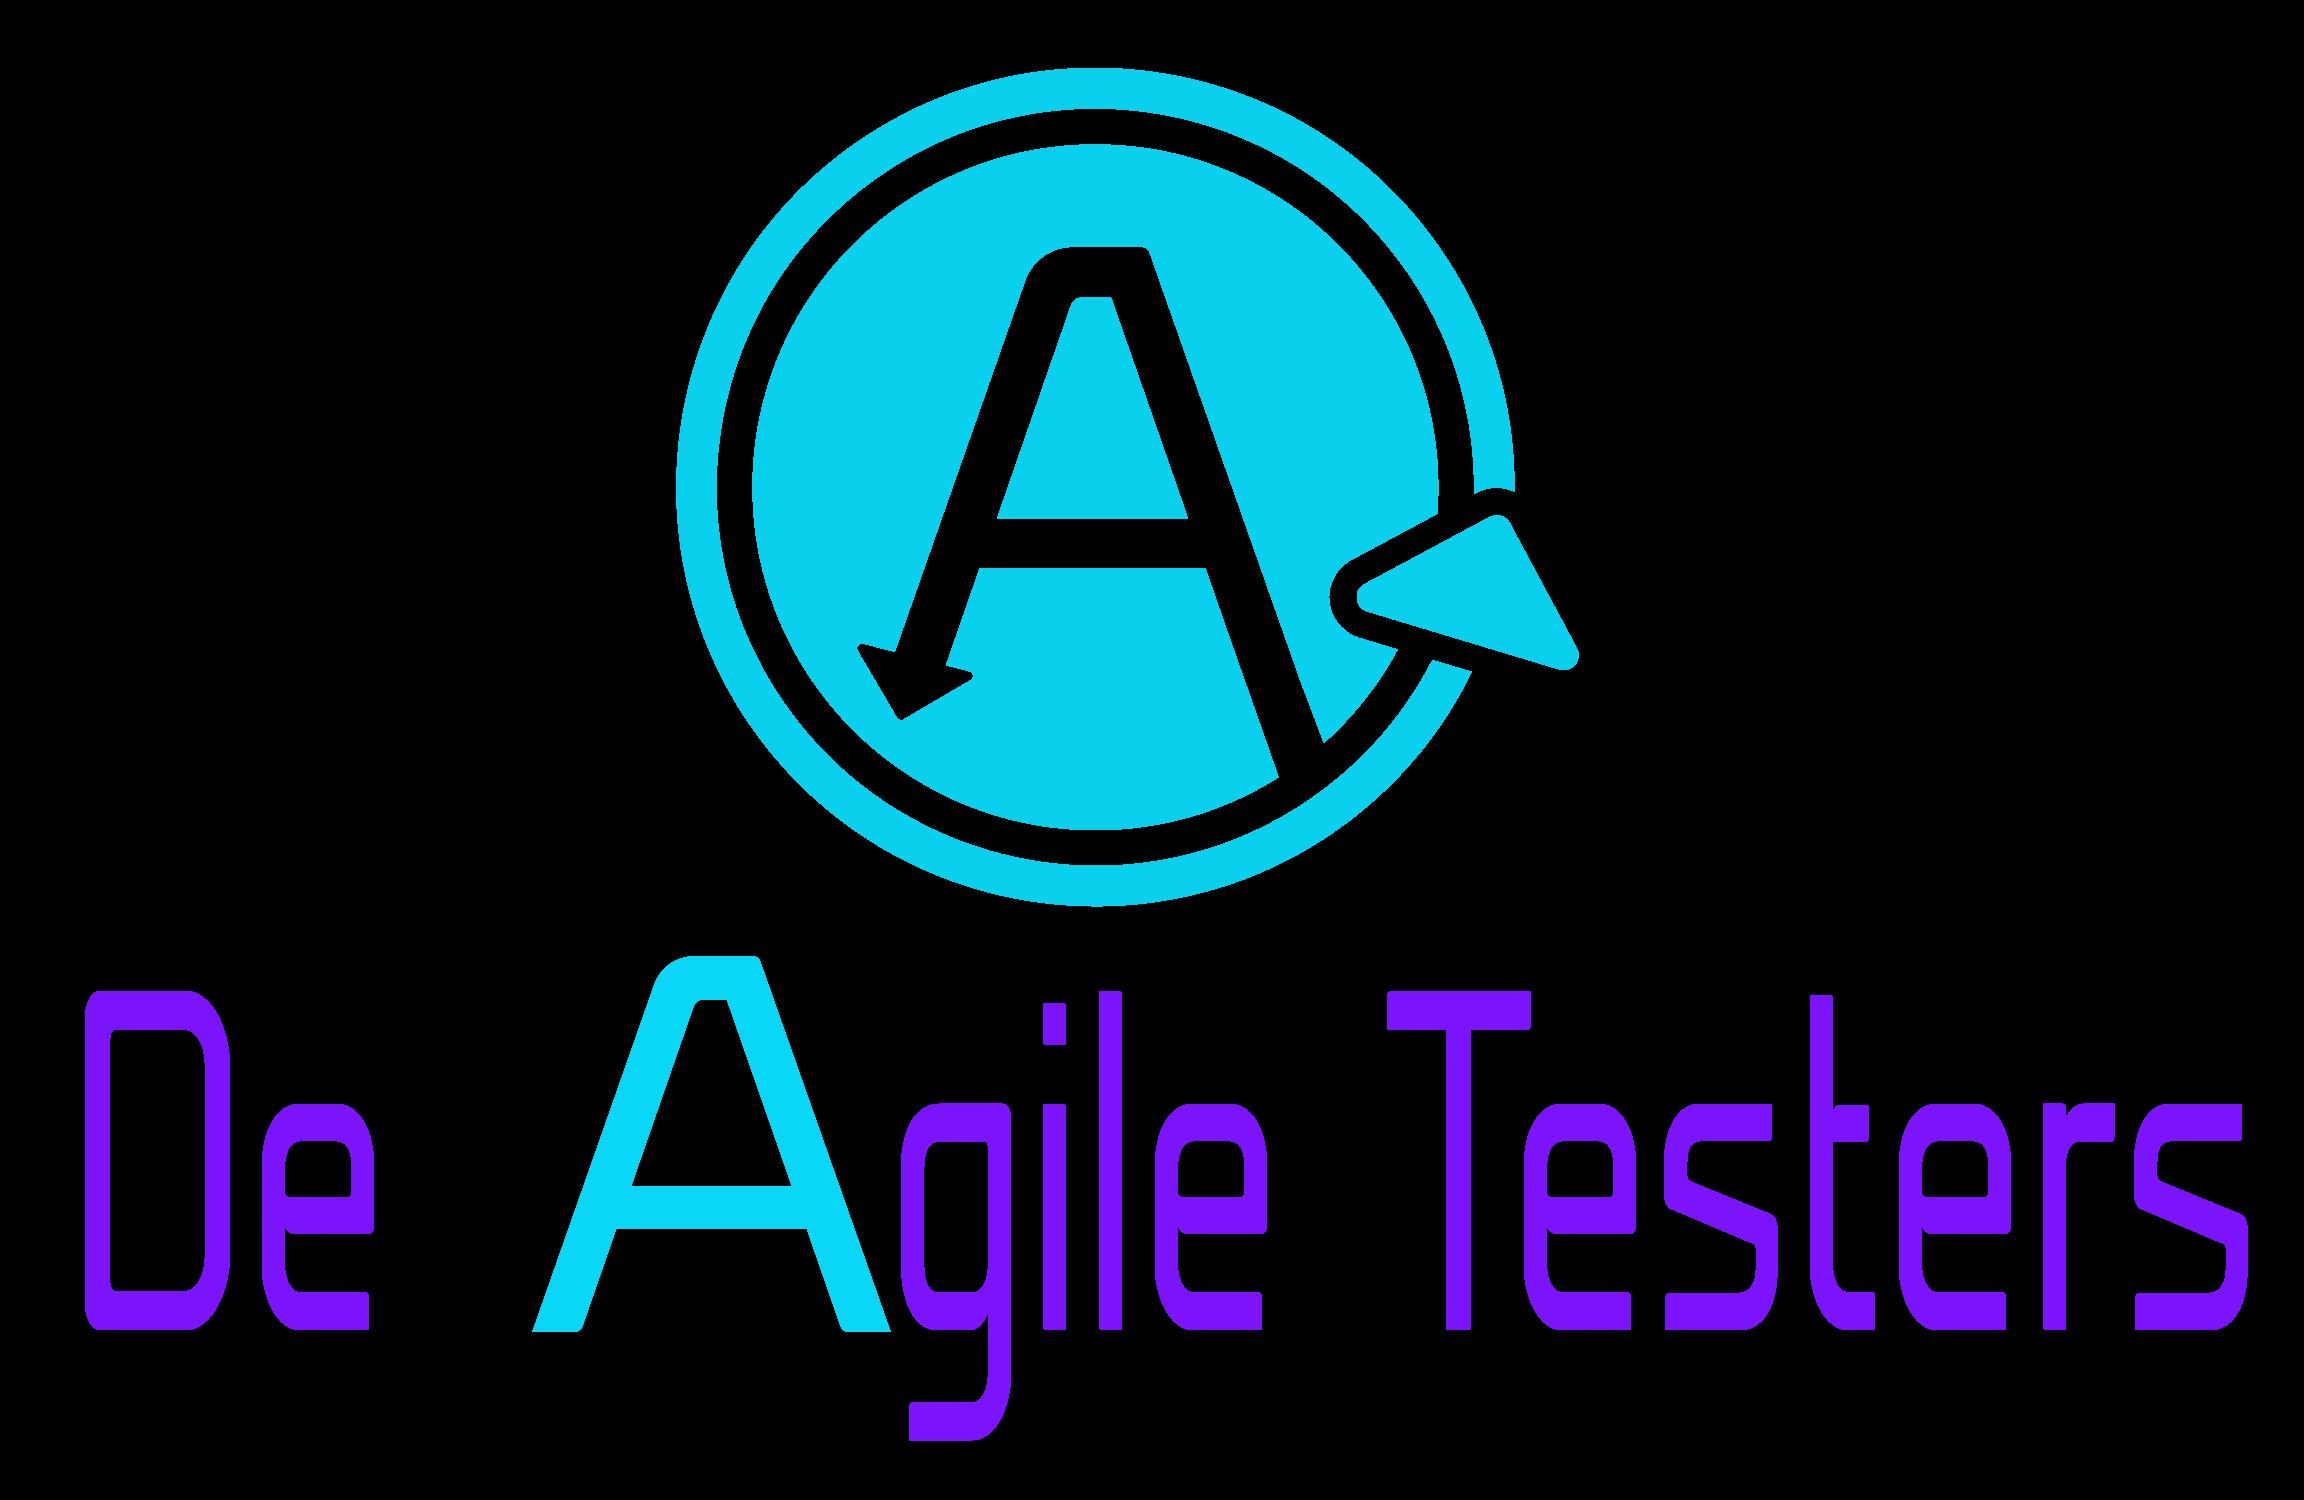 De-Agile-Testers-1-logo